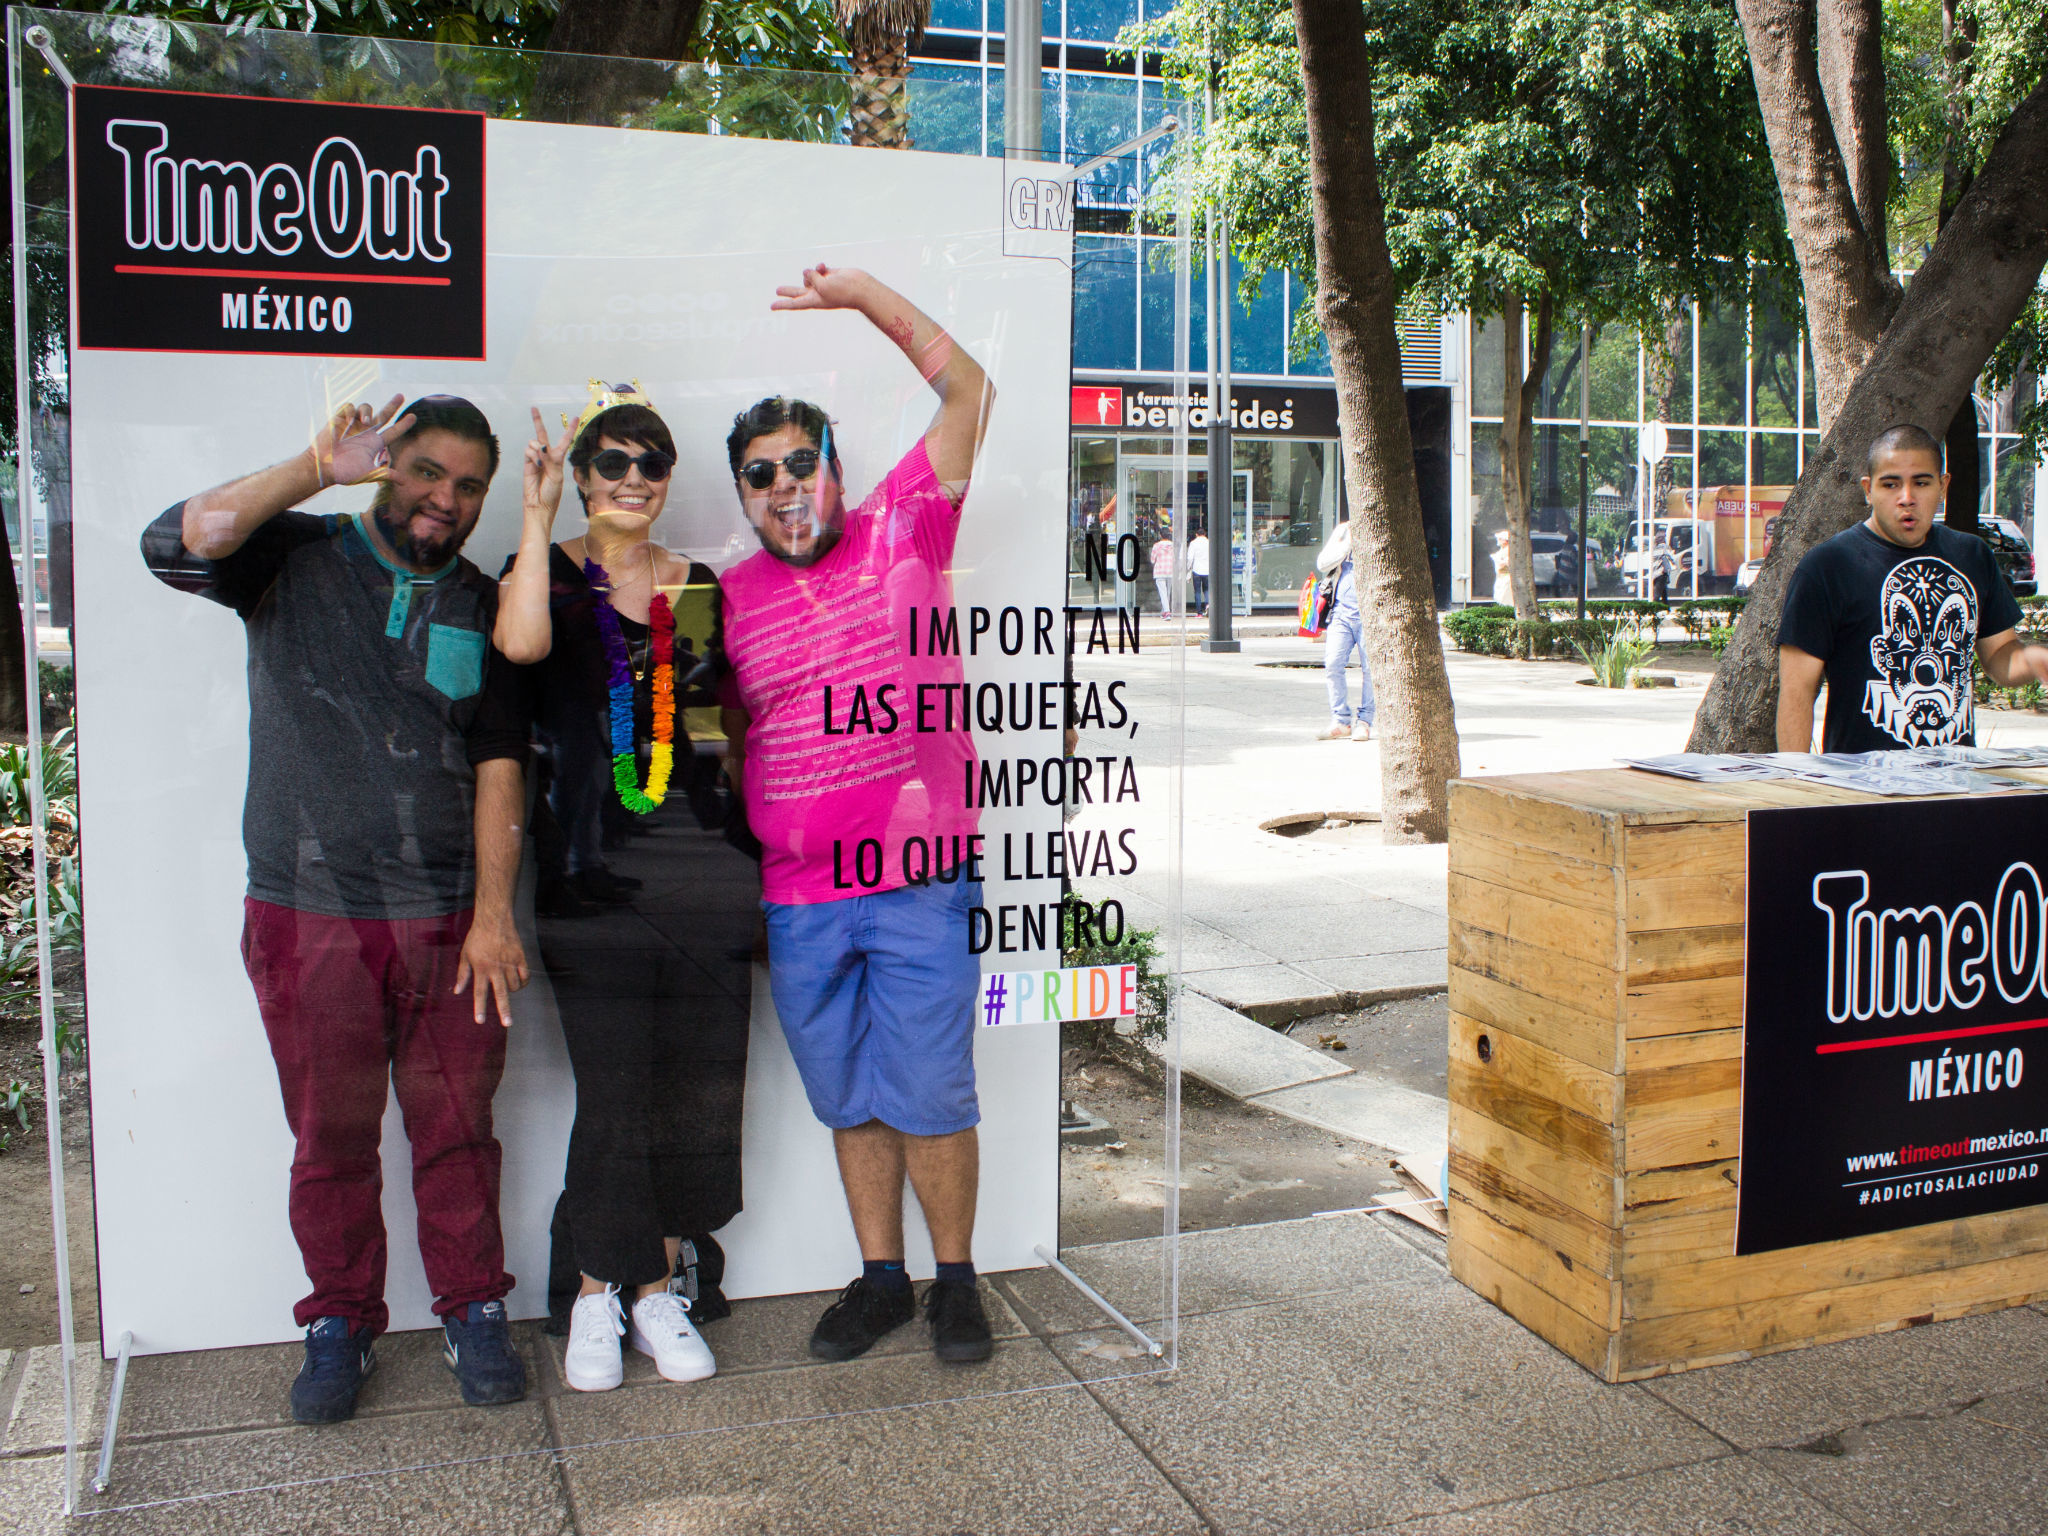 La Portada de Time Out Junio en la Marcha del Orgullo LGBTTTI en la CDMX